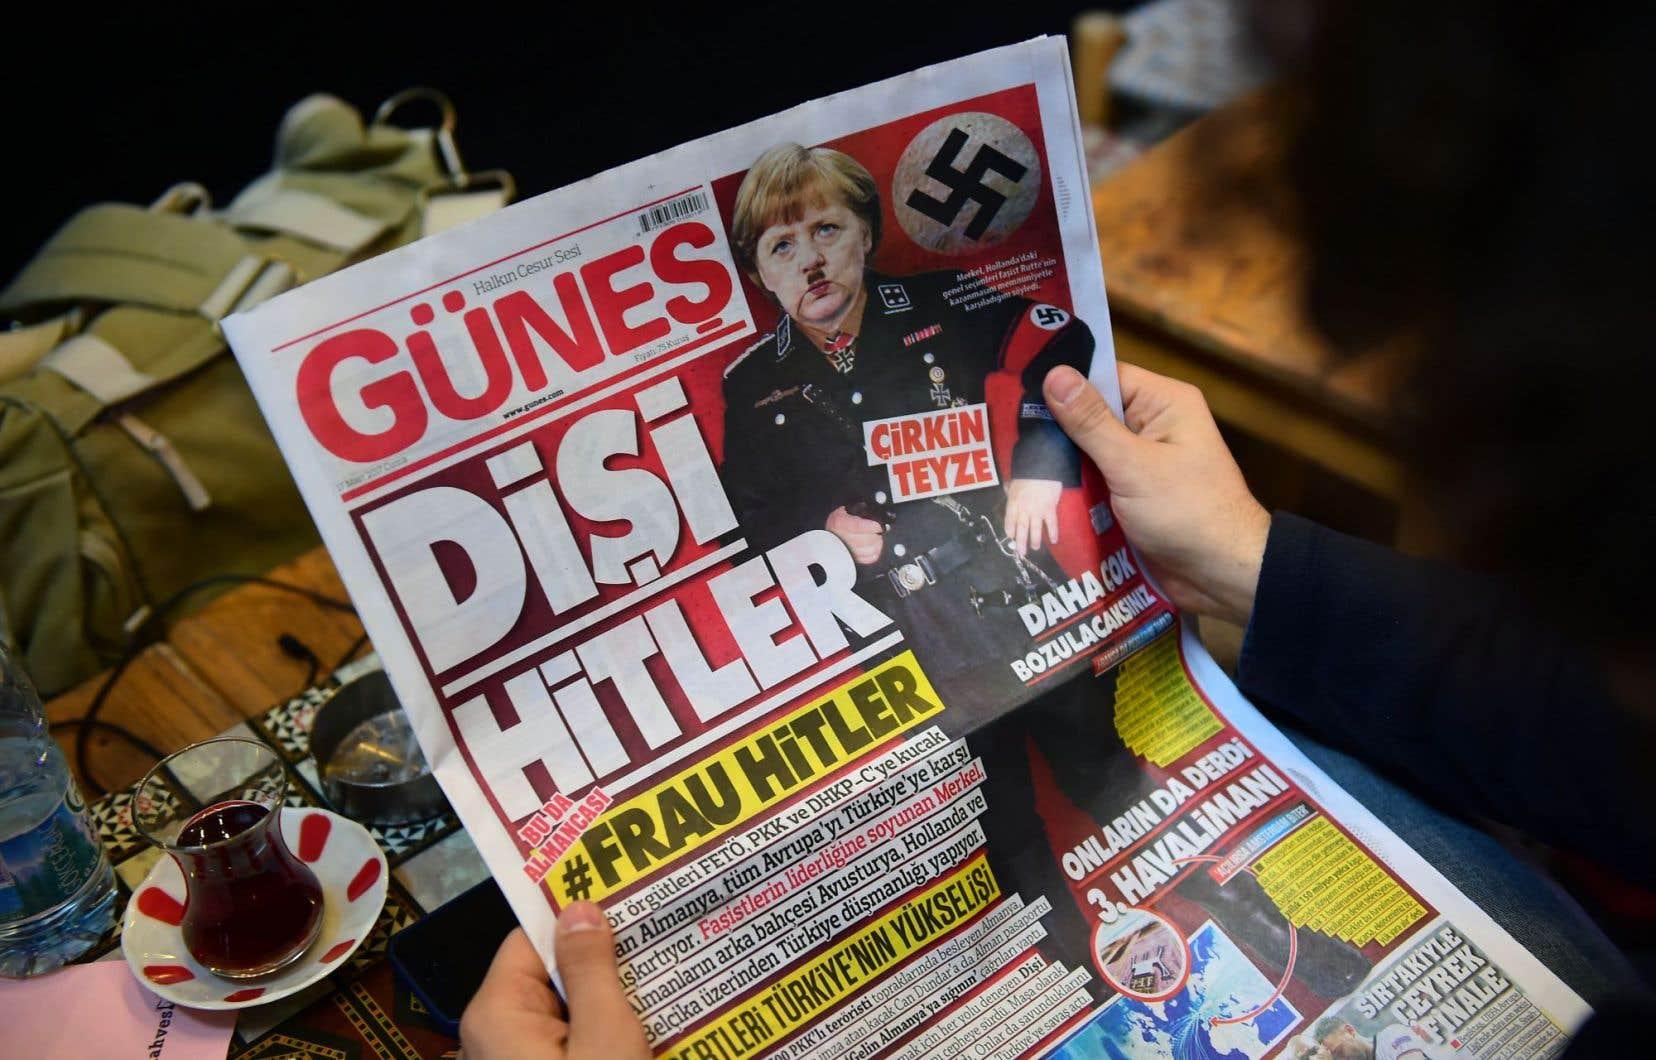 «Une Hitler au féminin», titre le quotidien Günes, avec une croix gammée et un photomontage de Merkel affublée d'une petite moustache et d'un uniforme nazi.